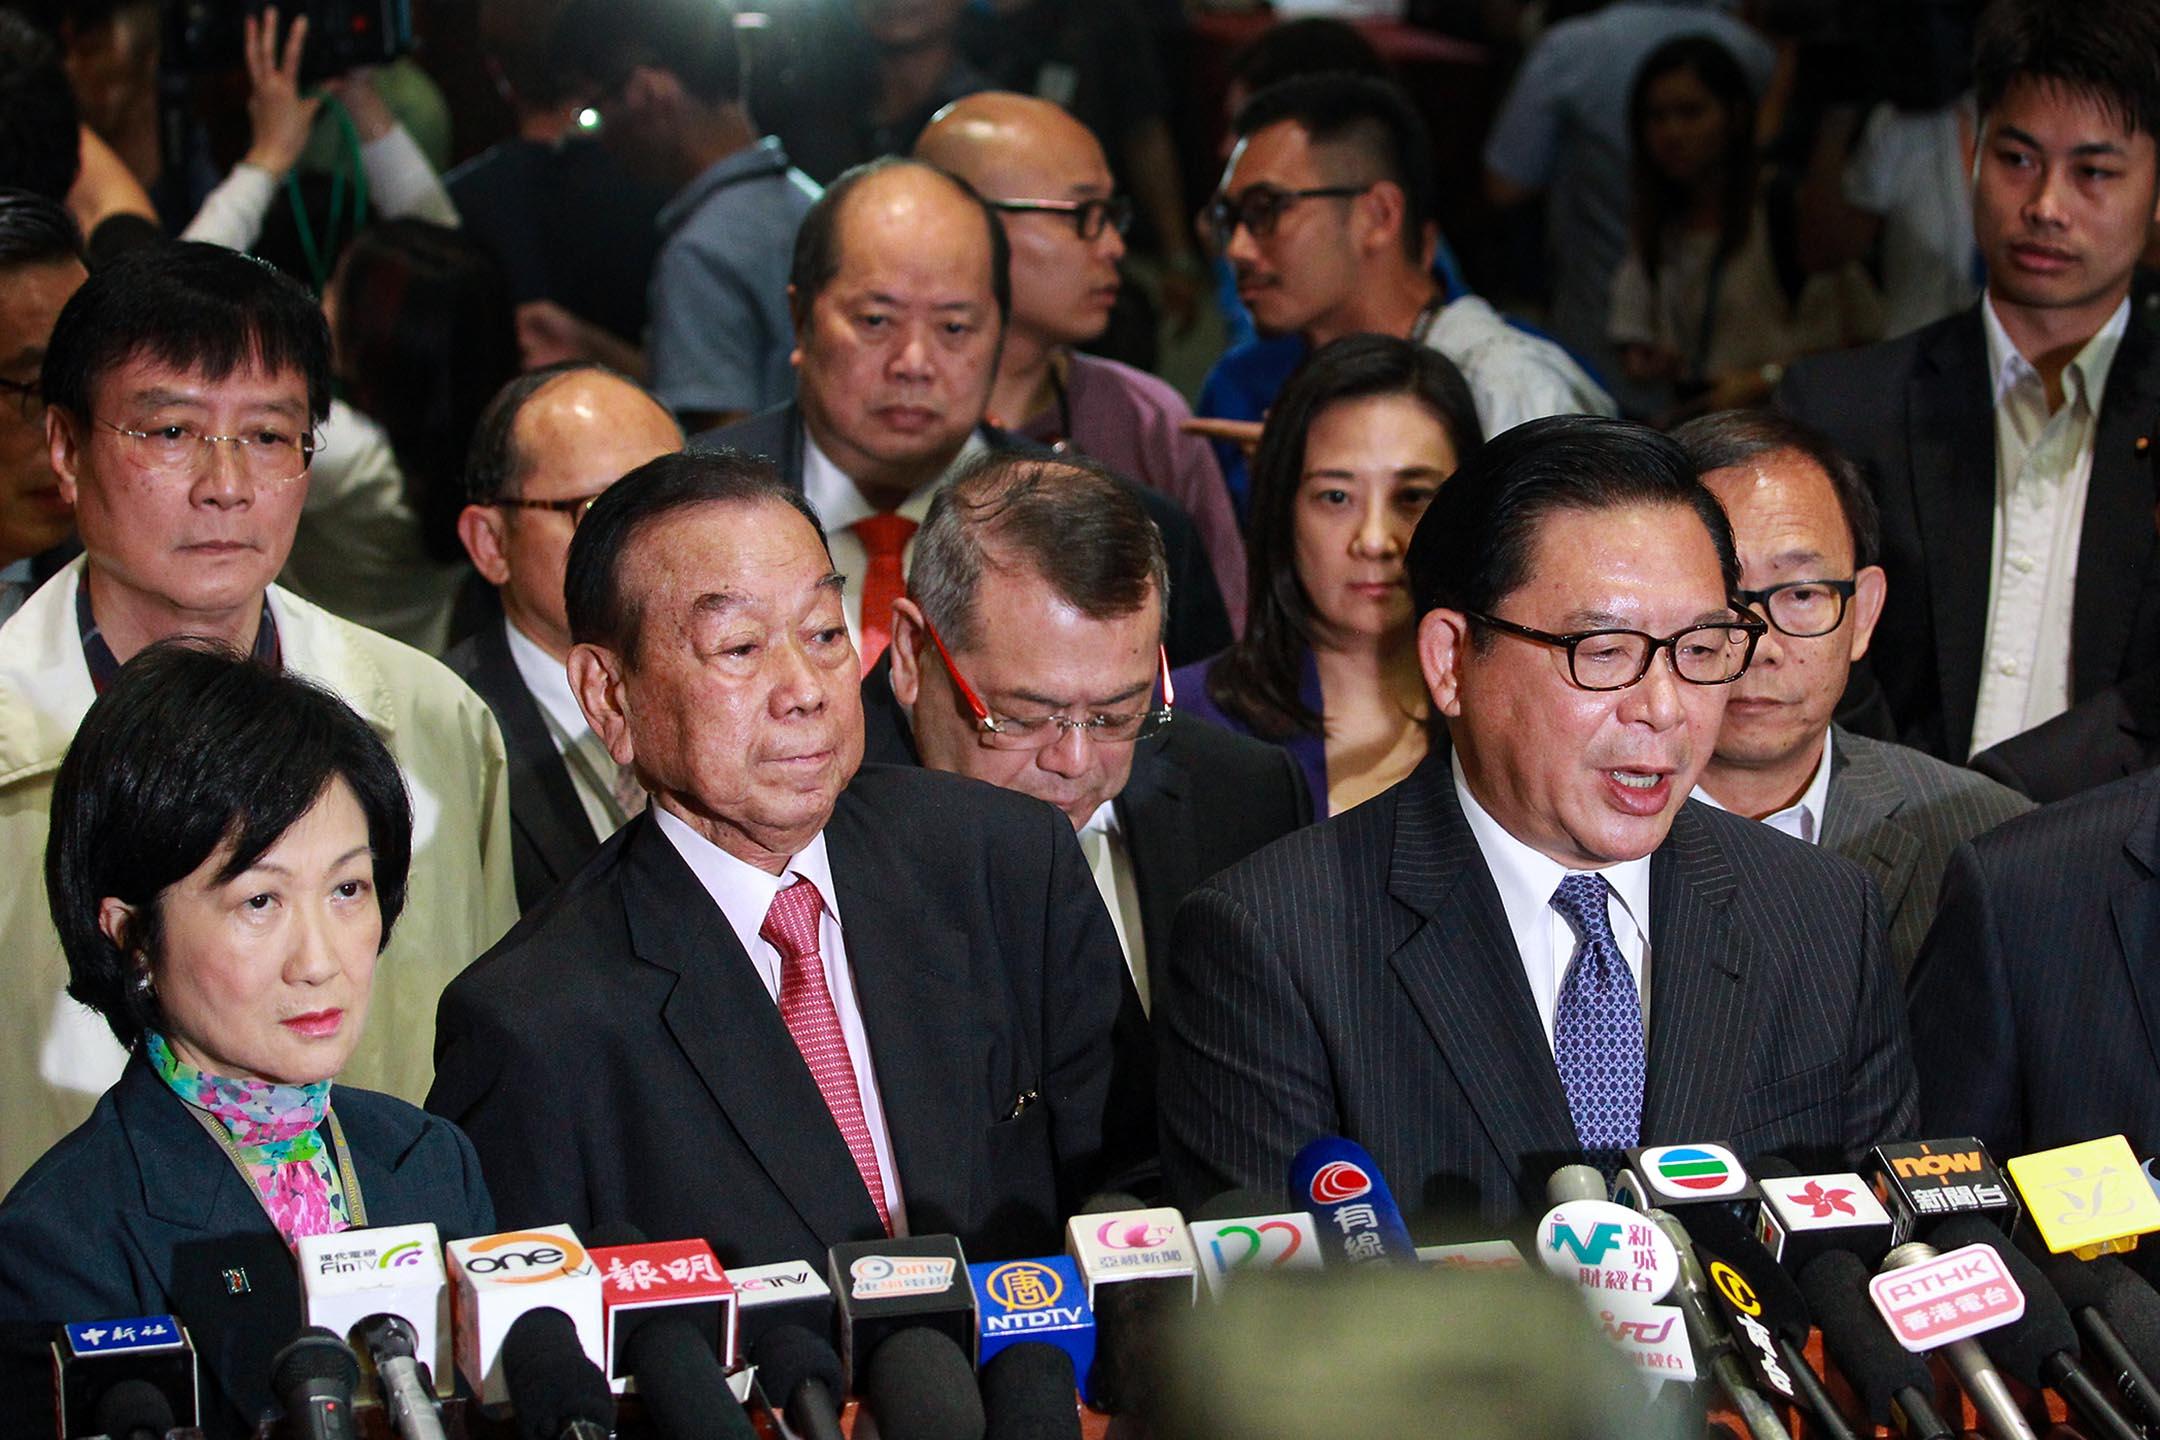 2015年6月18日立法會,立法會議員葉劉淑儀、劉皇發、林建鋒在《行政長官產生辦法決議案》被投票否決後,與傳媒見面。